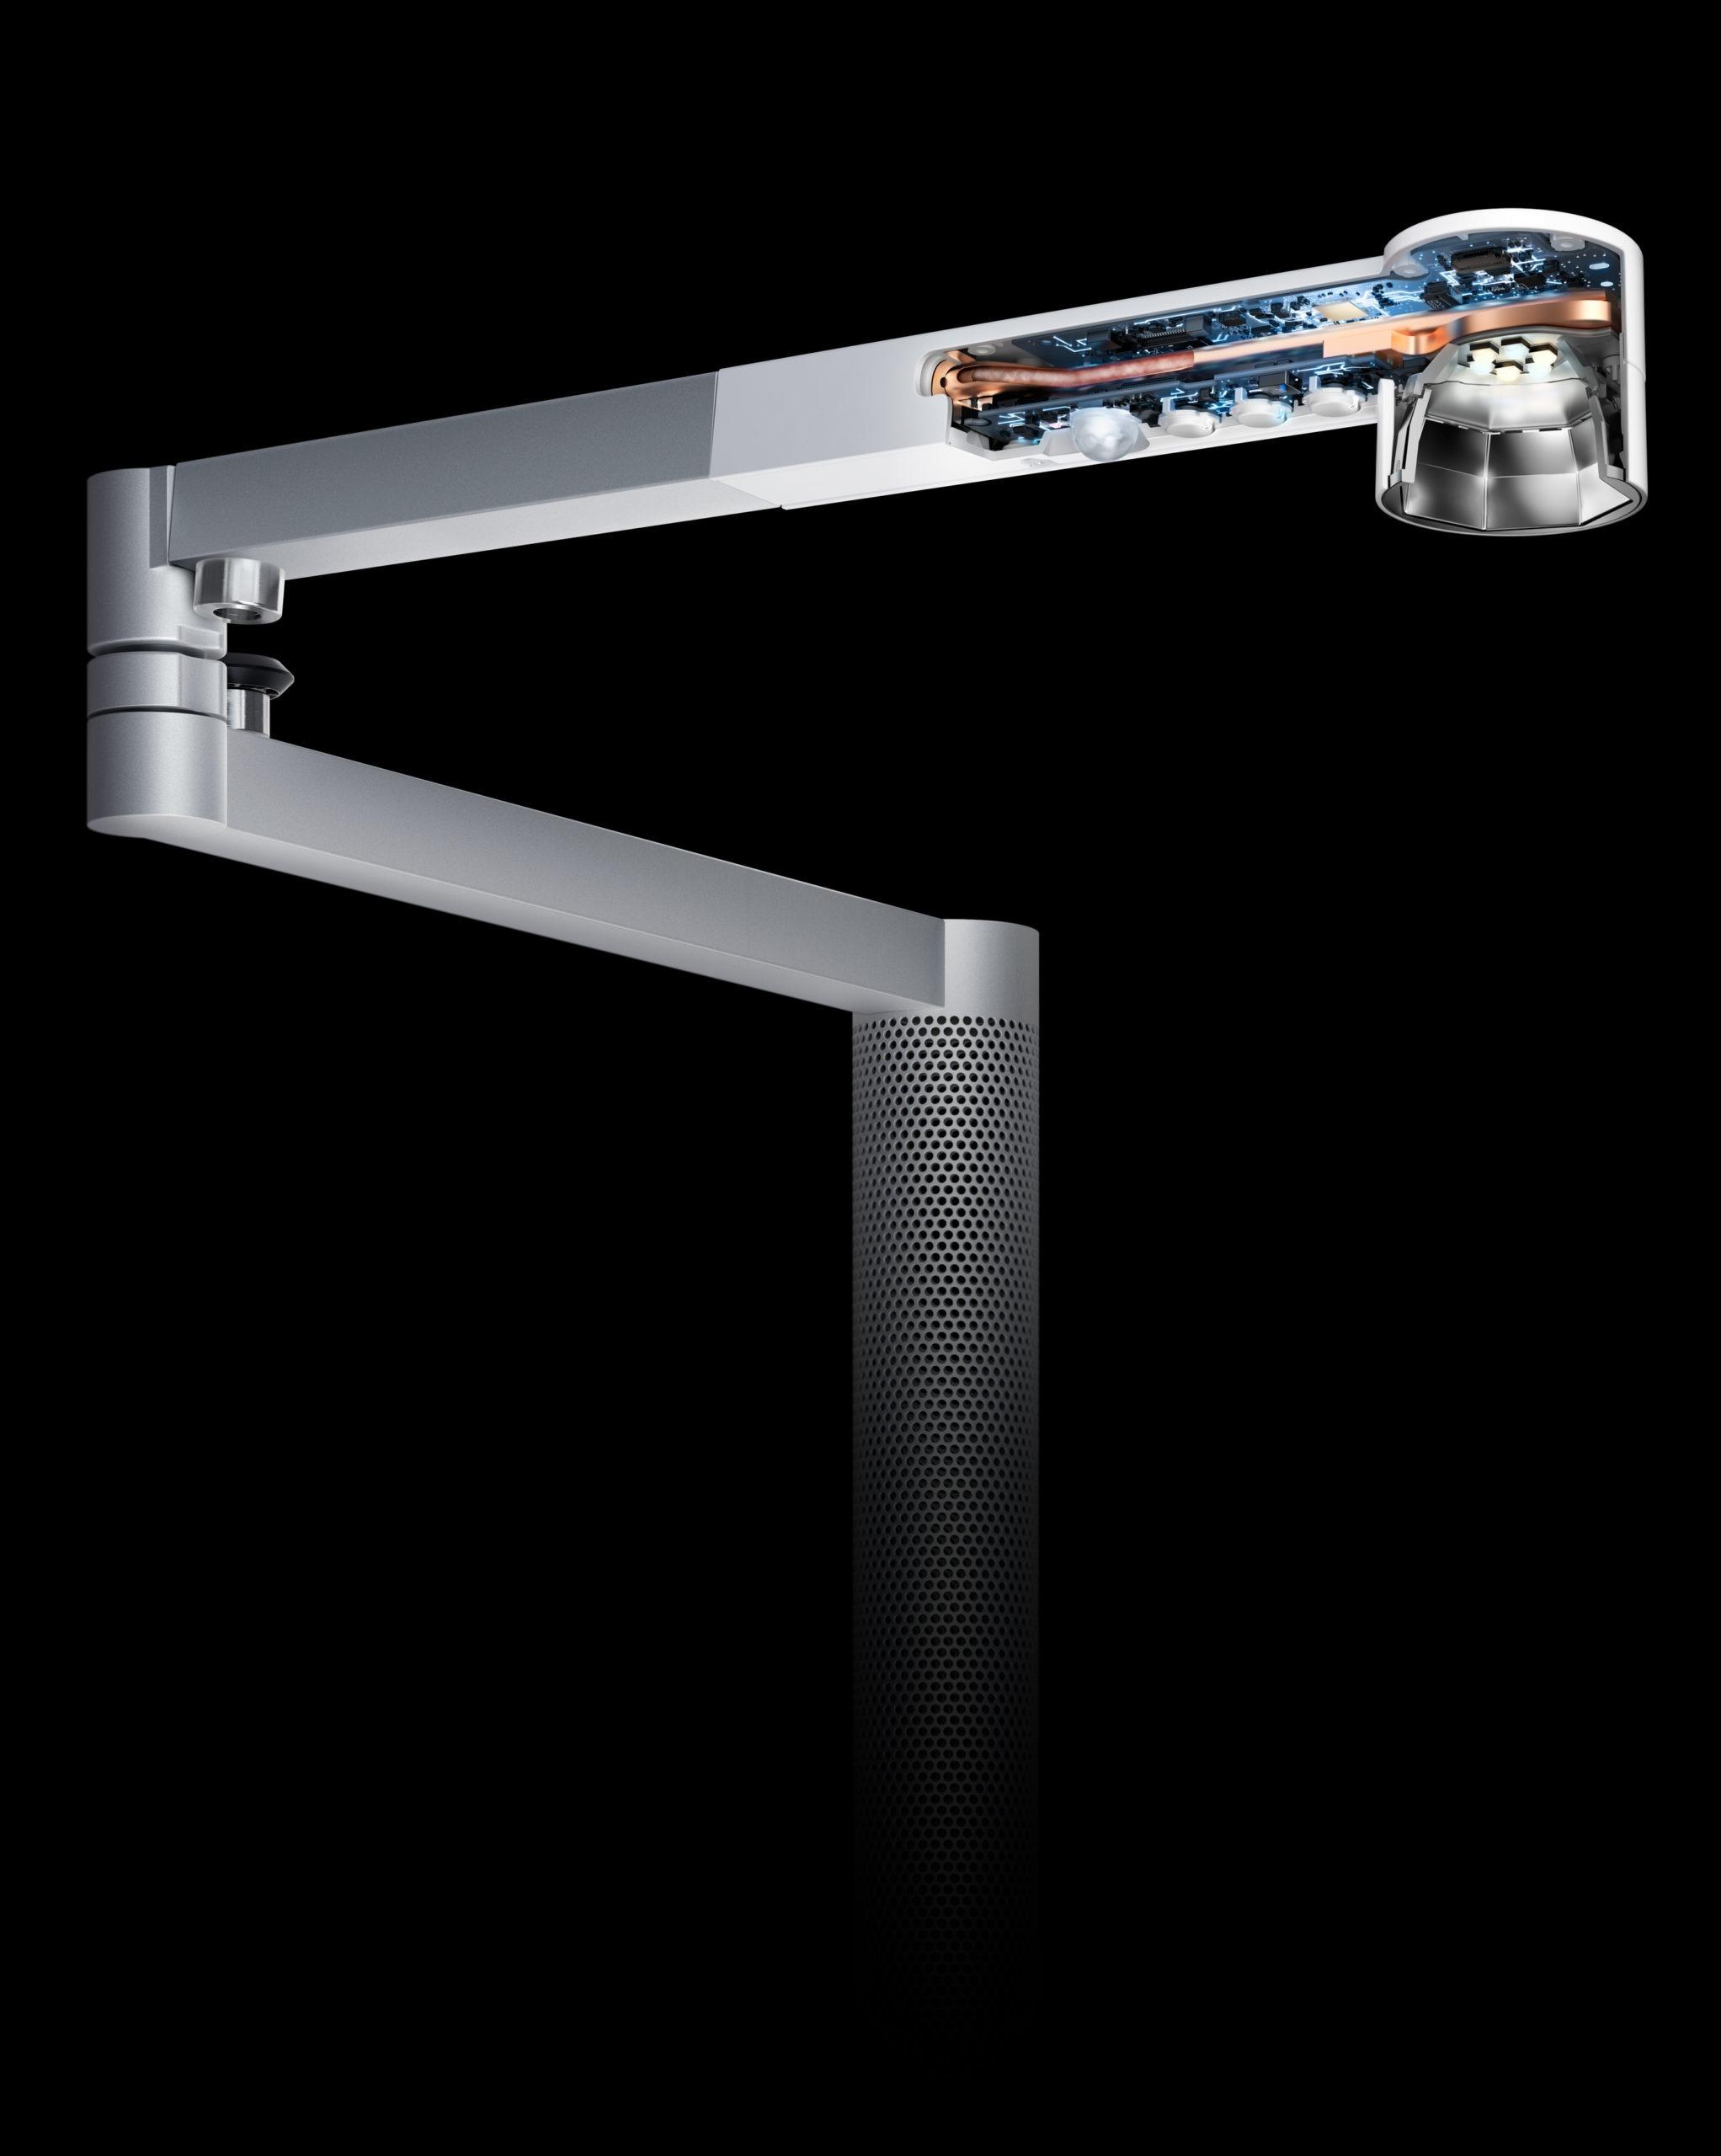 Dysons Heat Pipe Technologie führt die Wärme von den LEDs ab